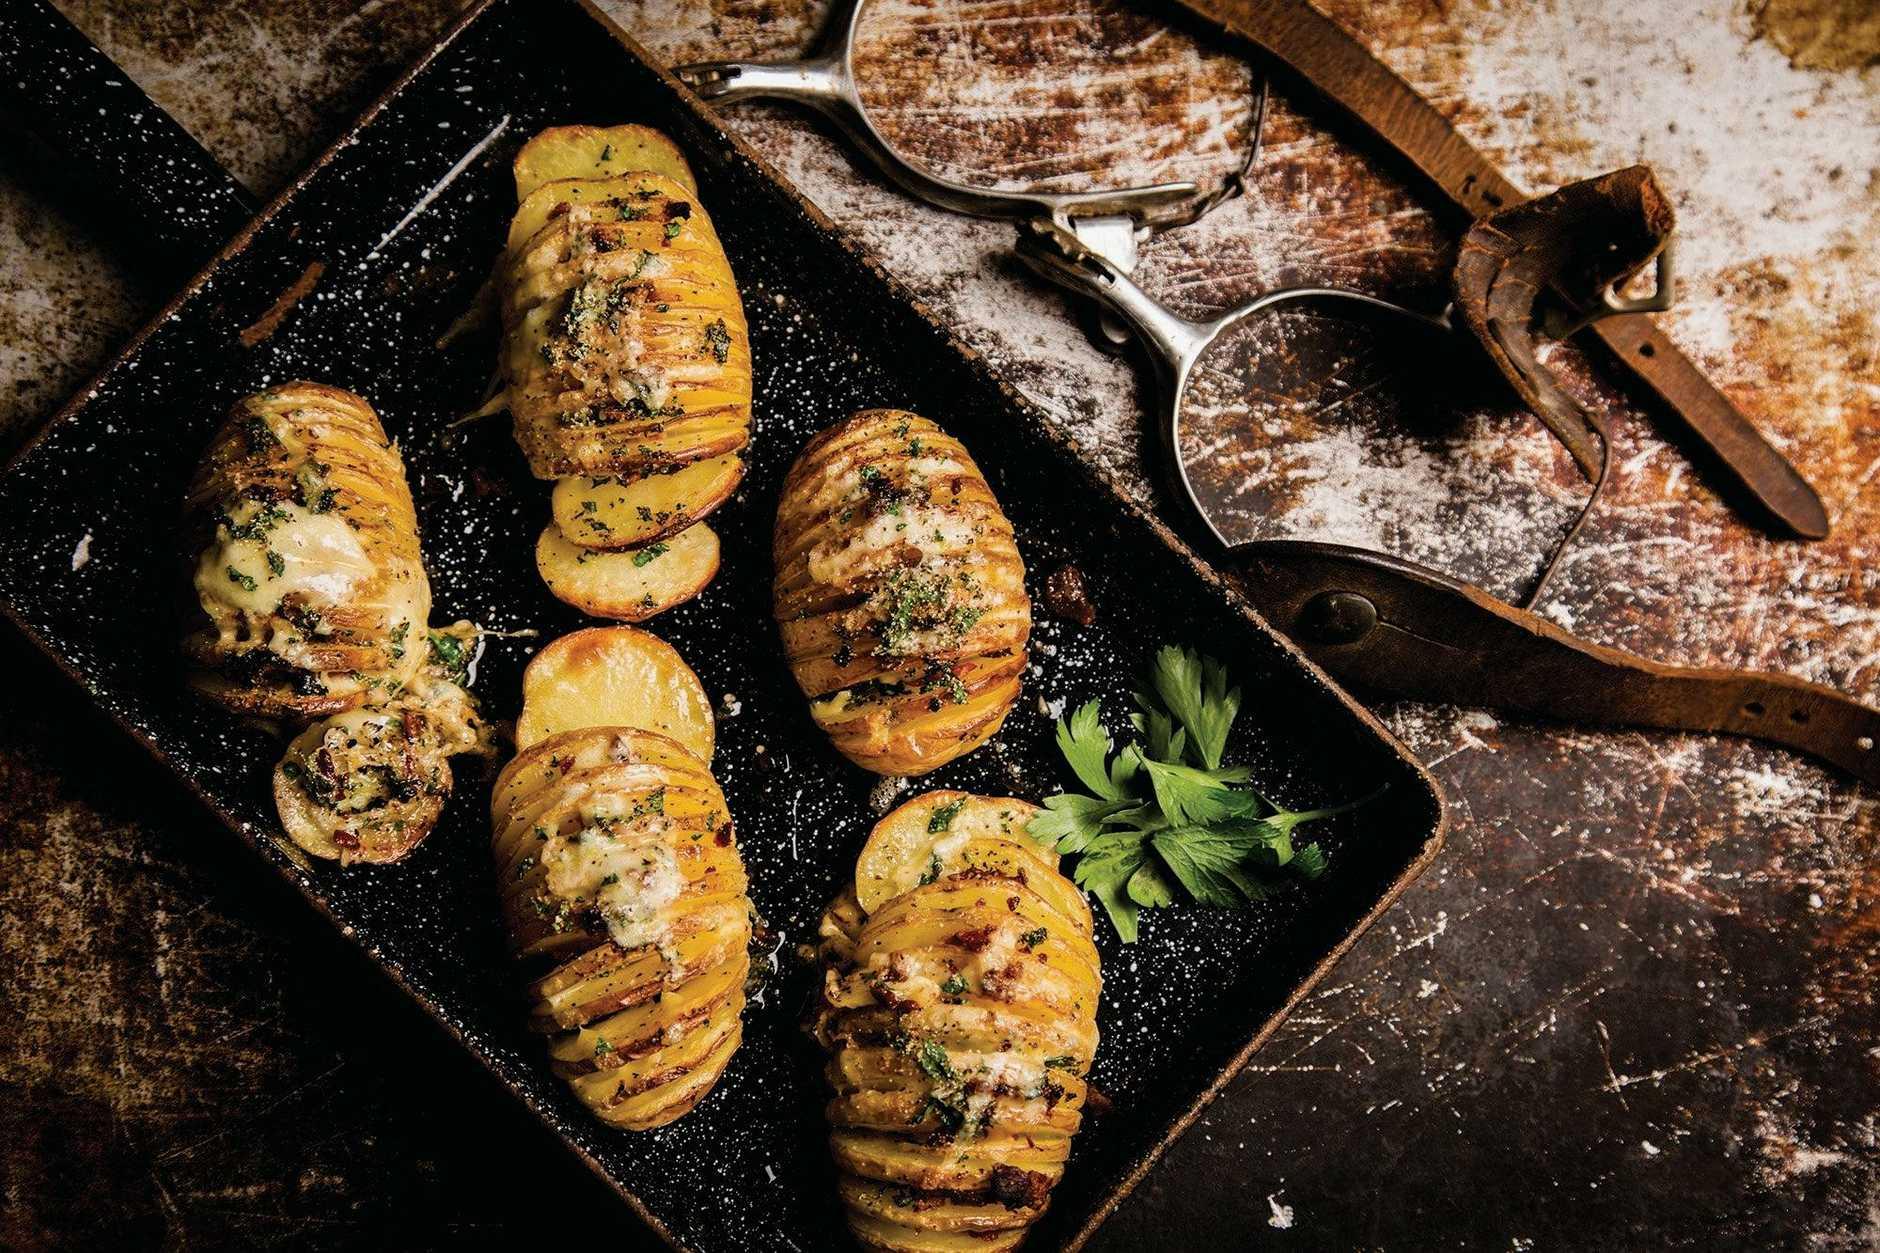 Potato Fans. Extract from Texan BBQ by Robert Louis Murphy,